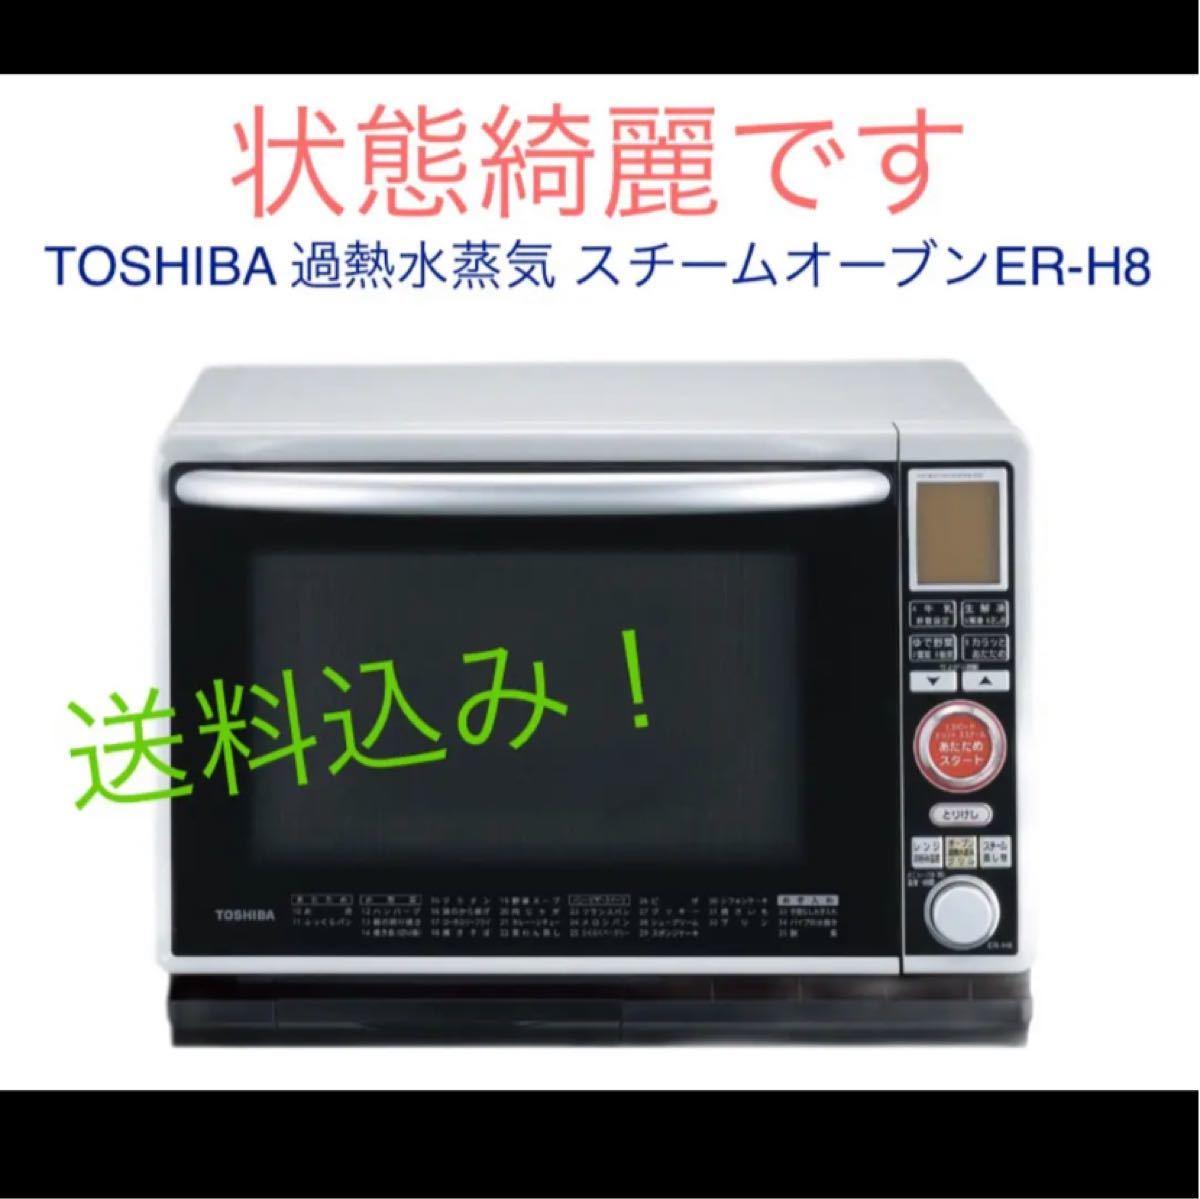 TOSHIBA 過熱水蒸気 スチームオーブンレンジ ER-H8